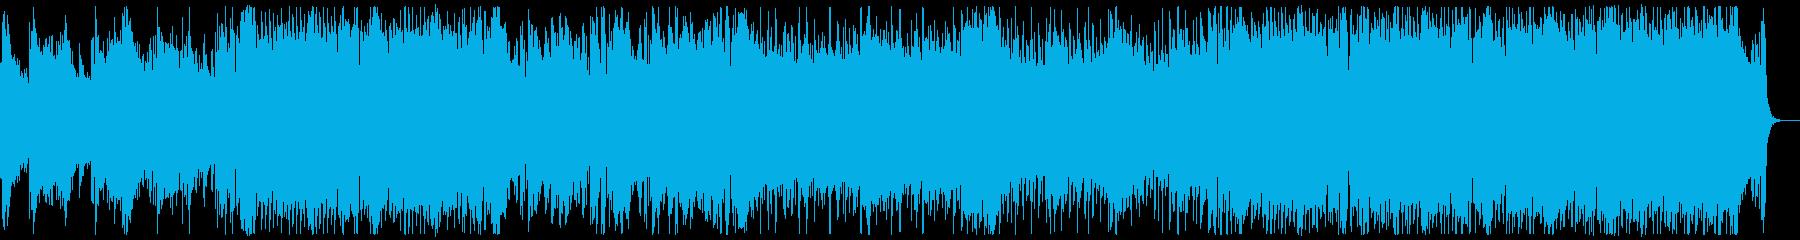 和風・和楽器・忍者ヒーロー:弦楽器抜きの再生済みの波形